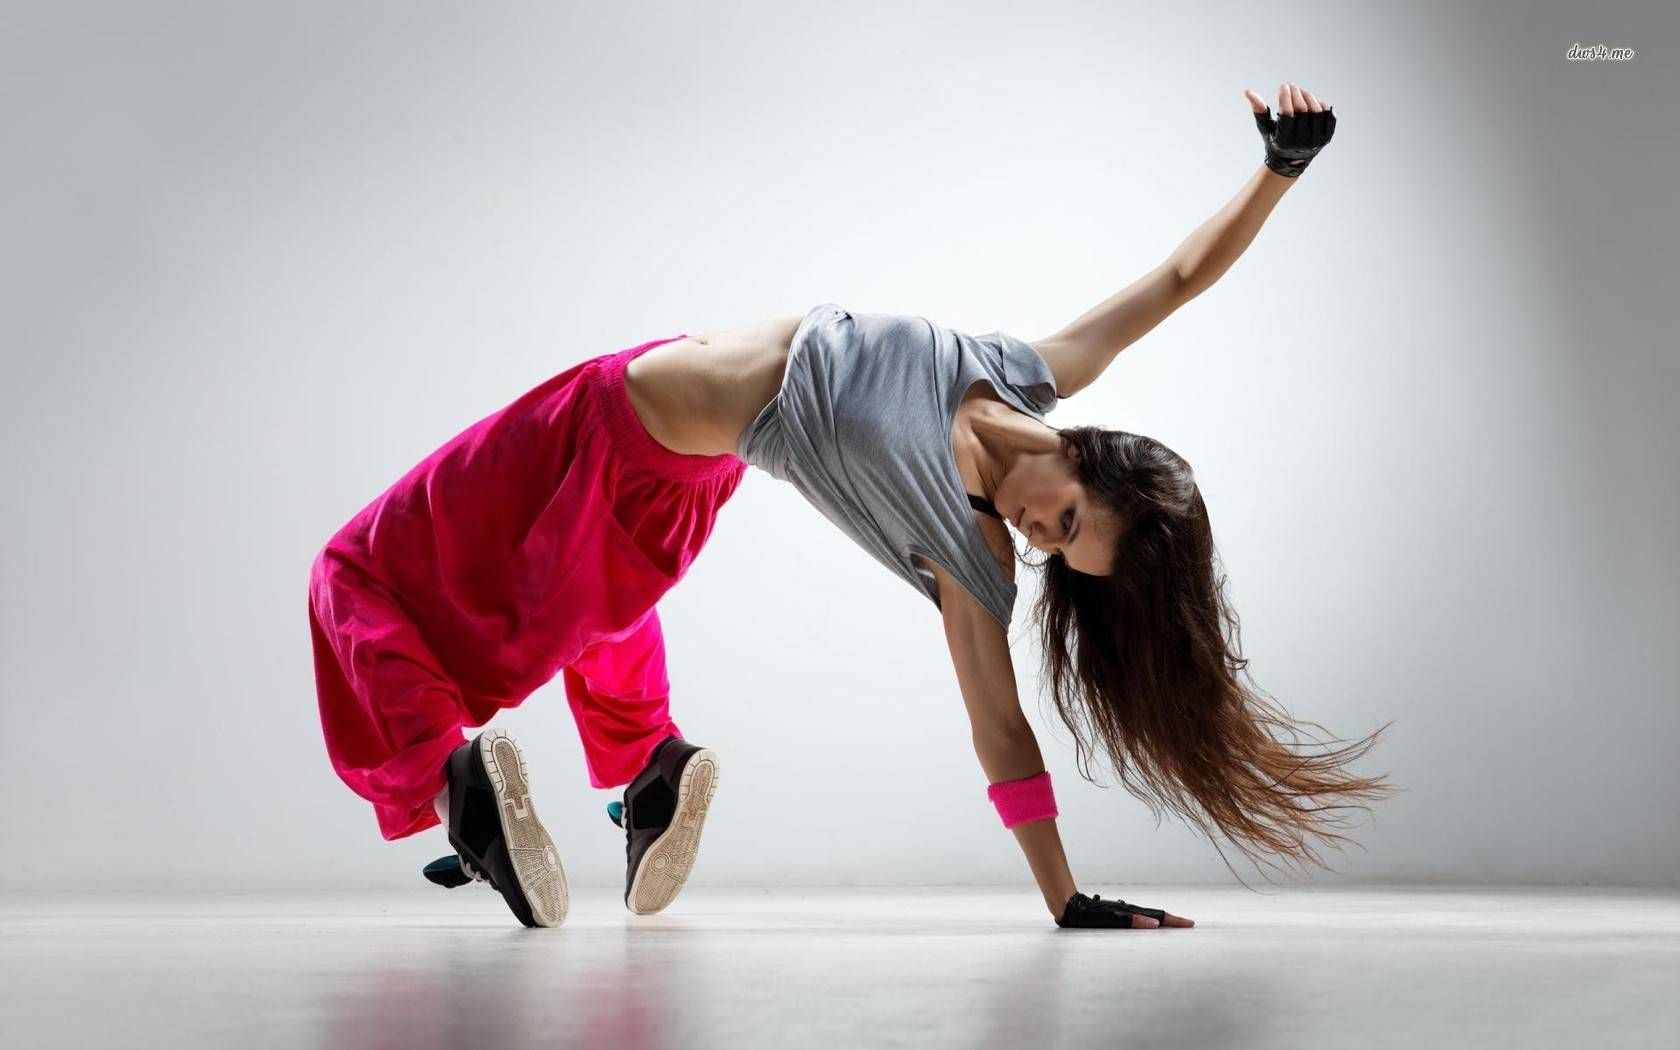 Hip Hop Dance Wallpaper Hd Hd Wallpapers Hip Hop Dancer Gettin